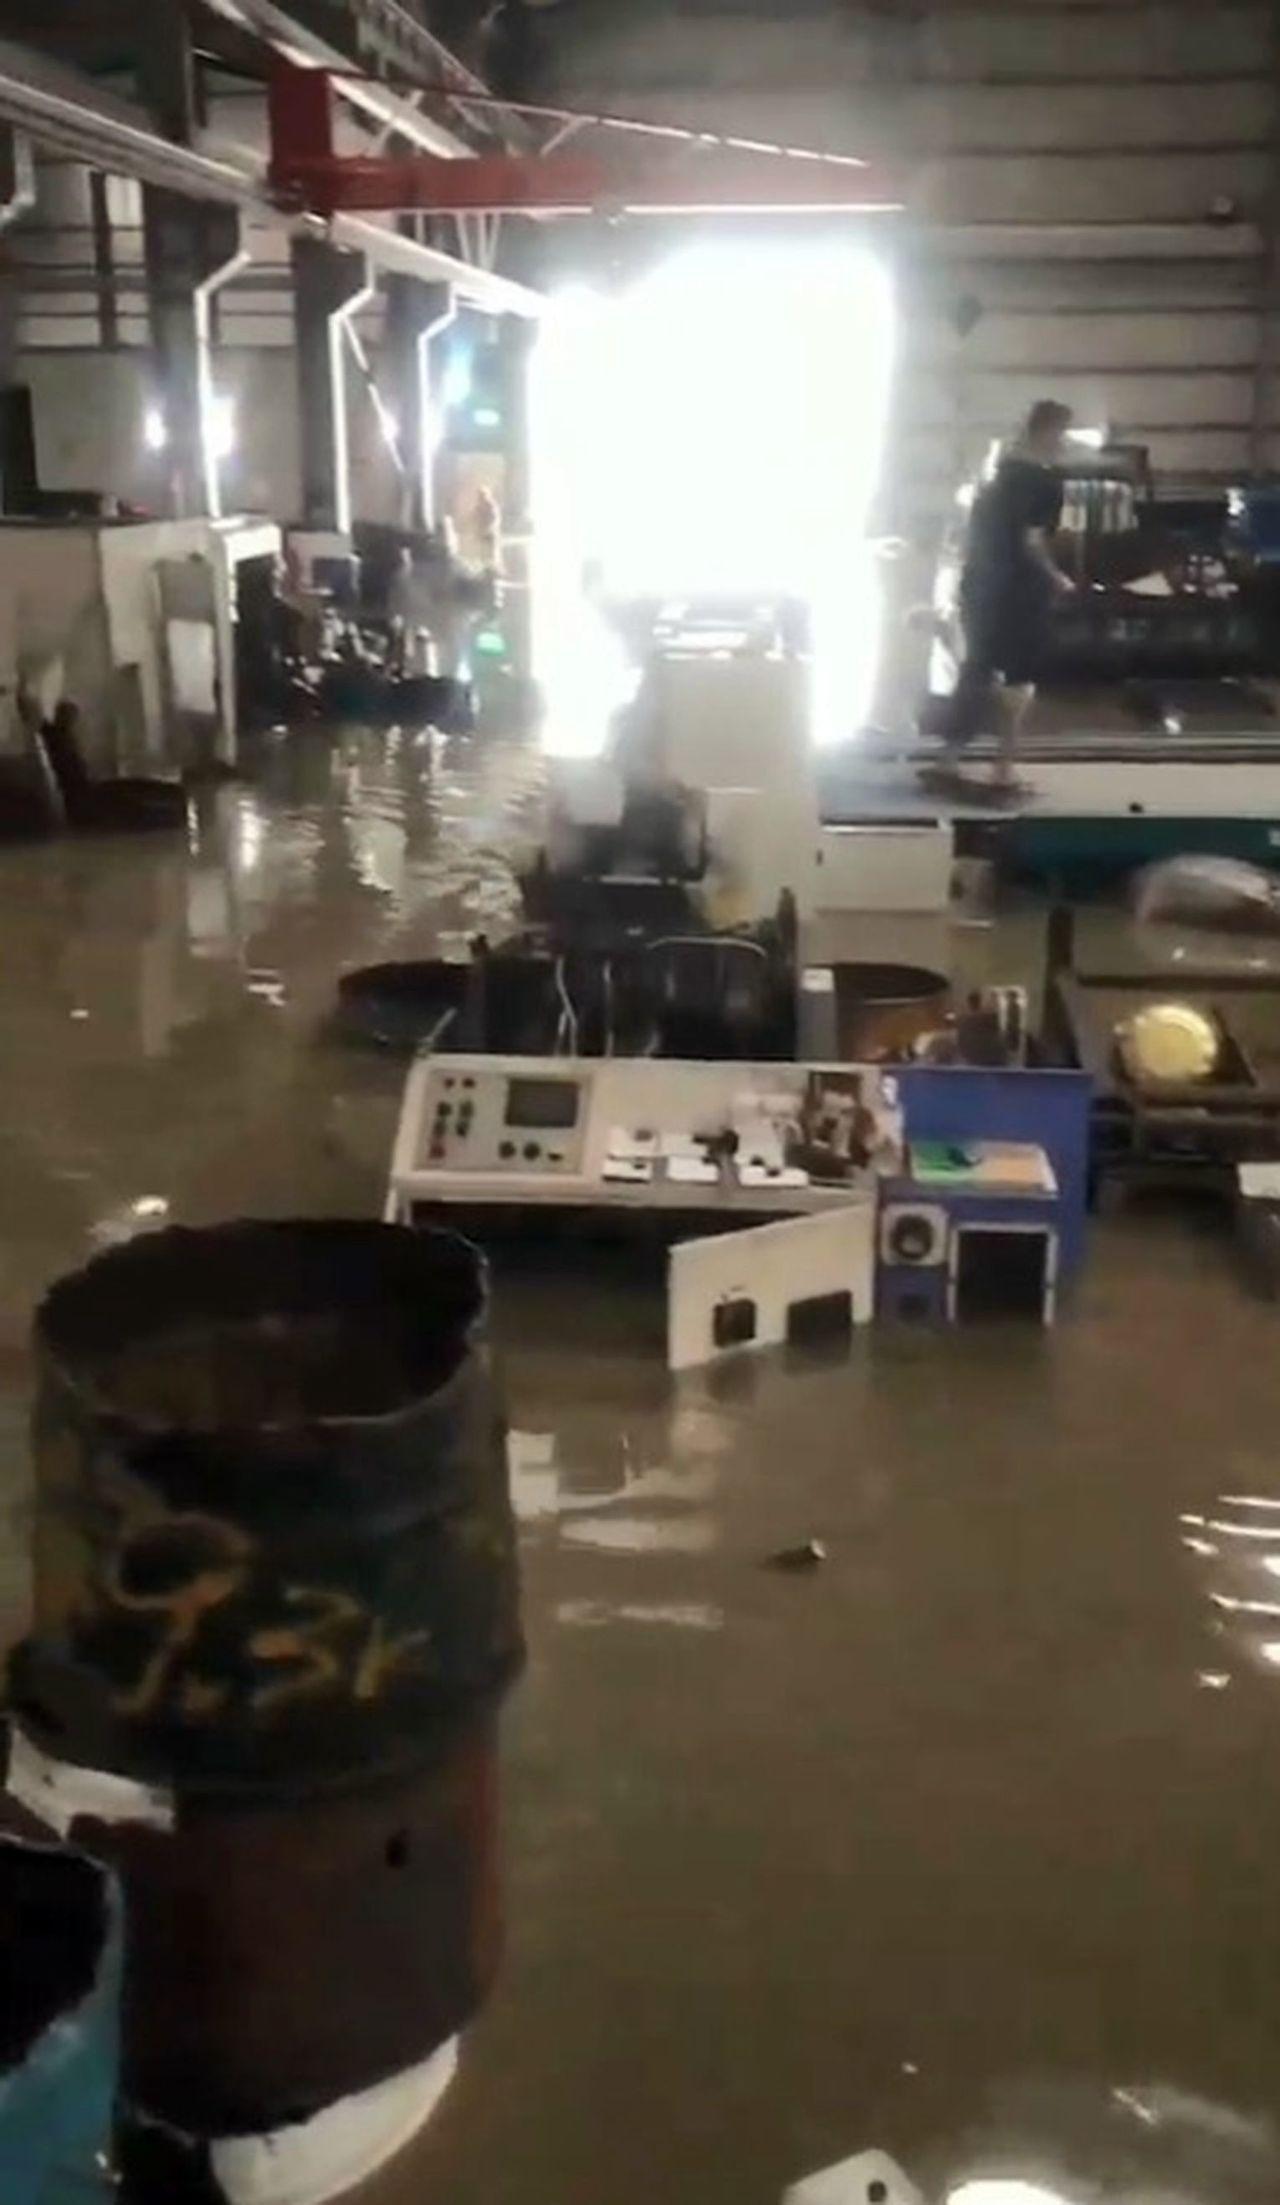 張姓工廠業者反映,工廠距離中興抽水站不到100公尺,昨天淹水,員工來不及拿防水閘...